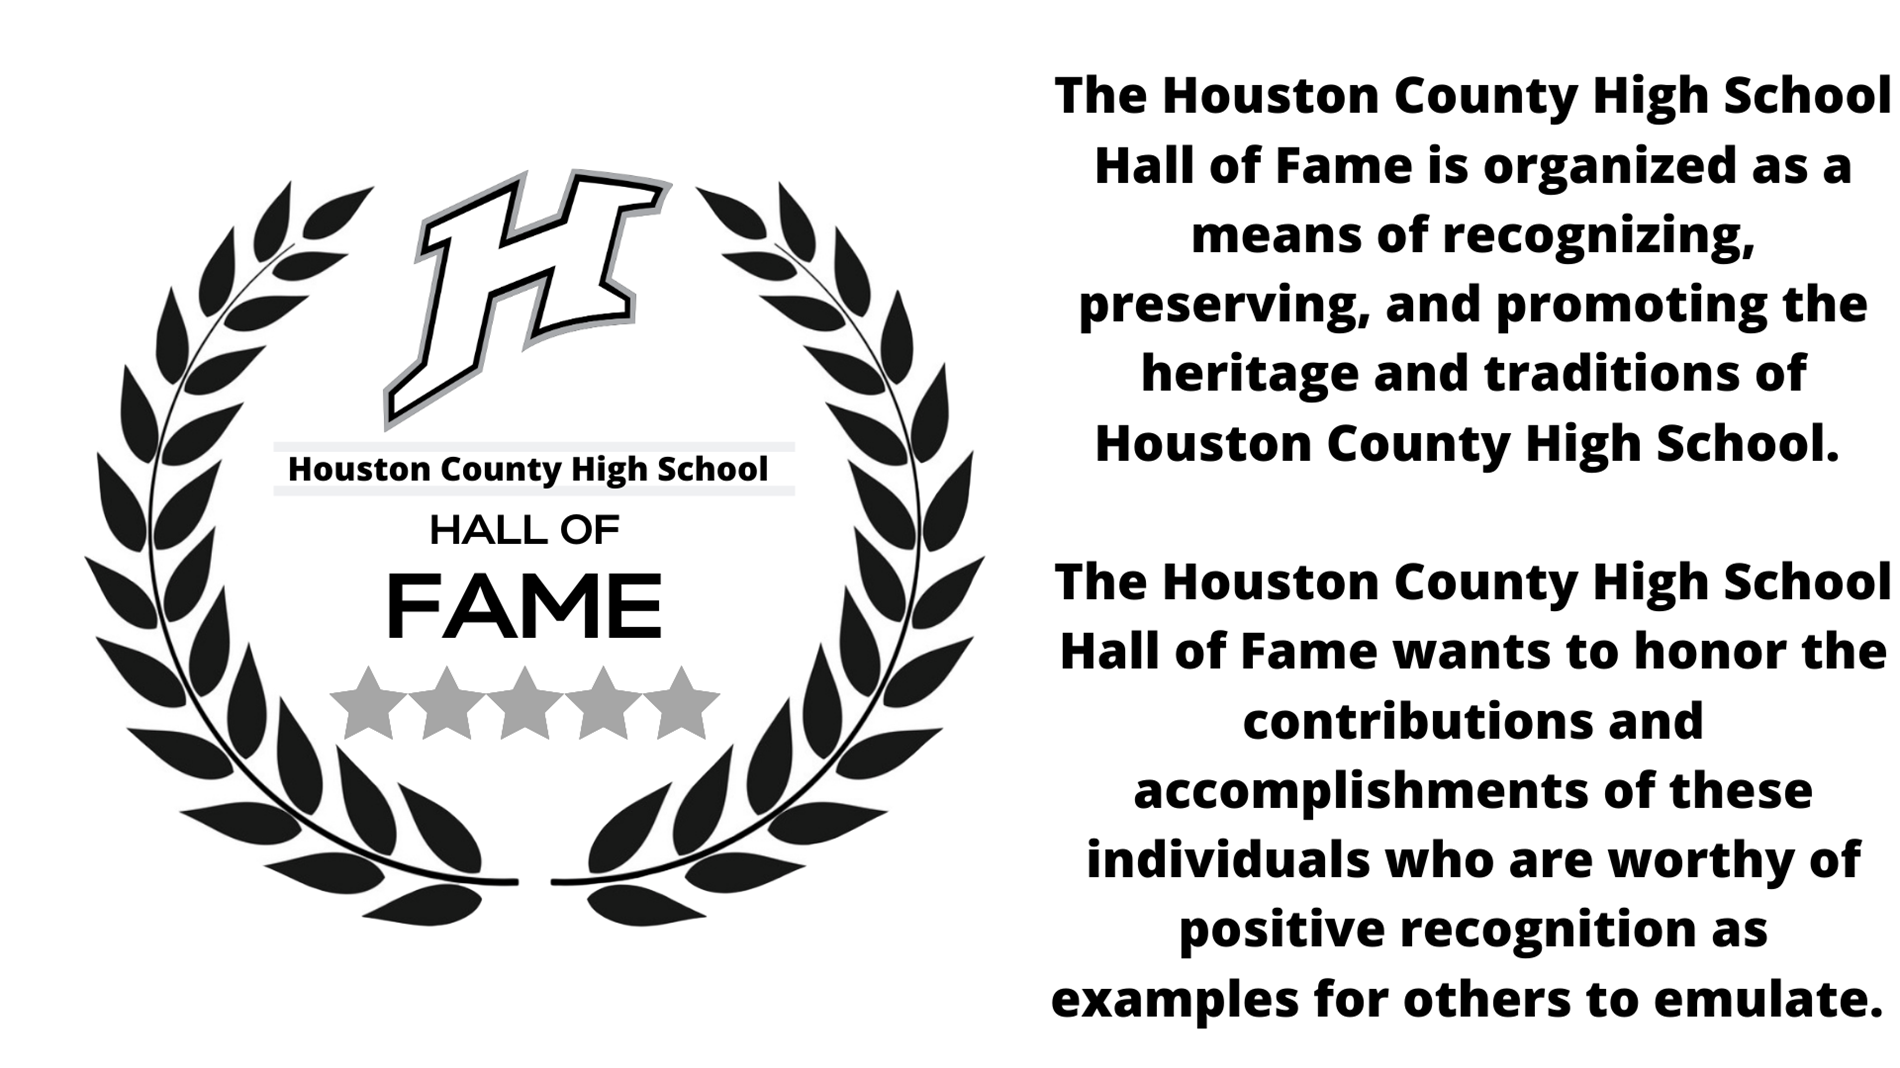 HCHS Hall of Fame